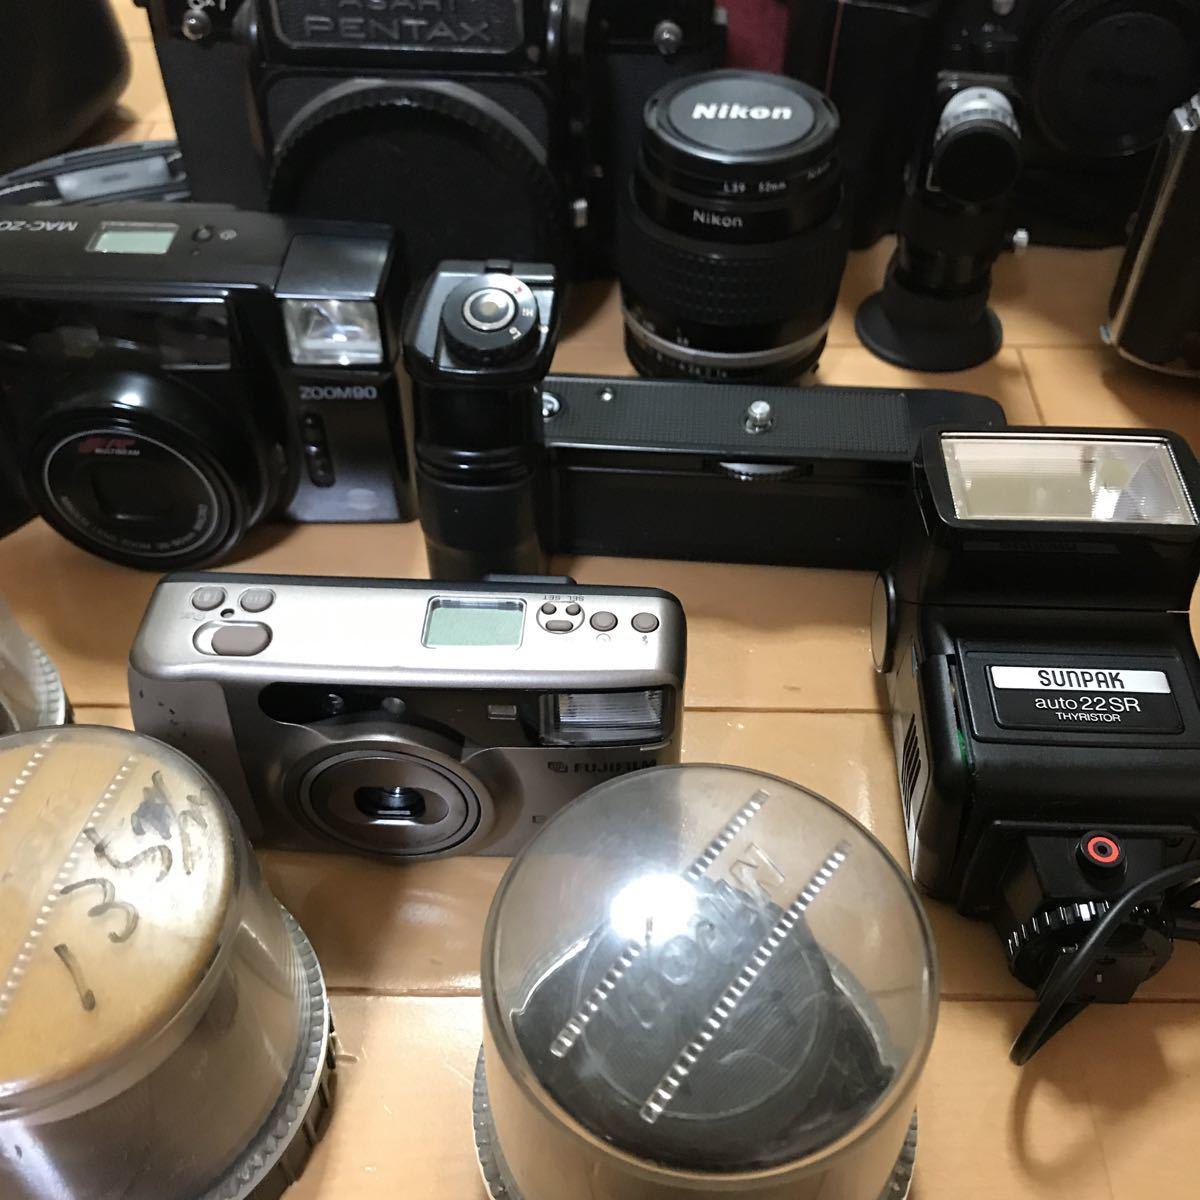 ジャンク ニコン ペンタックス など フィルムカメラ レンズ 色々 いろいろ_画像6